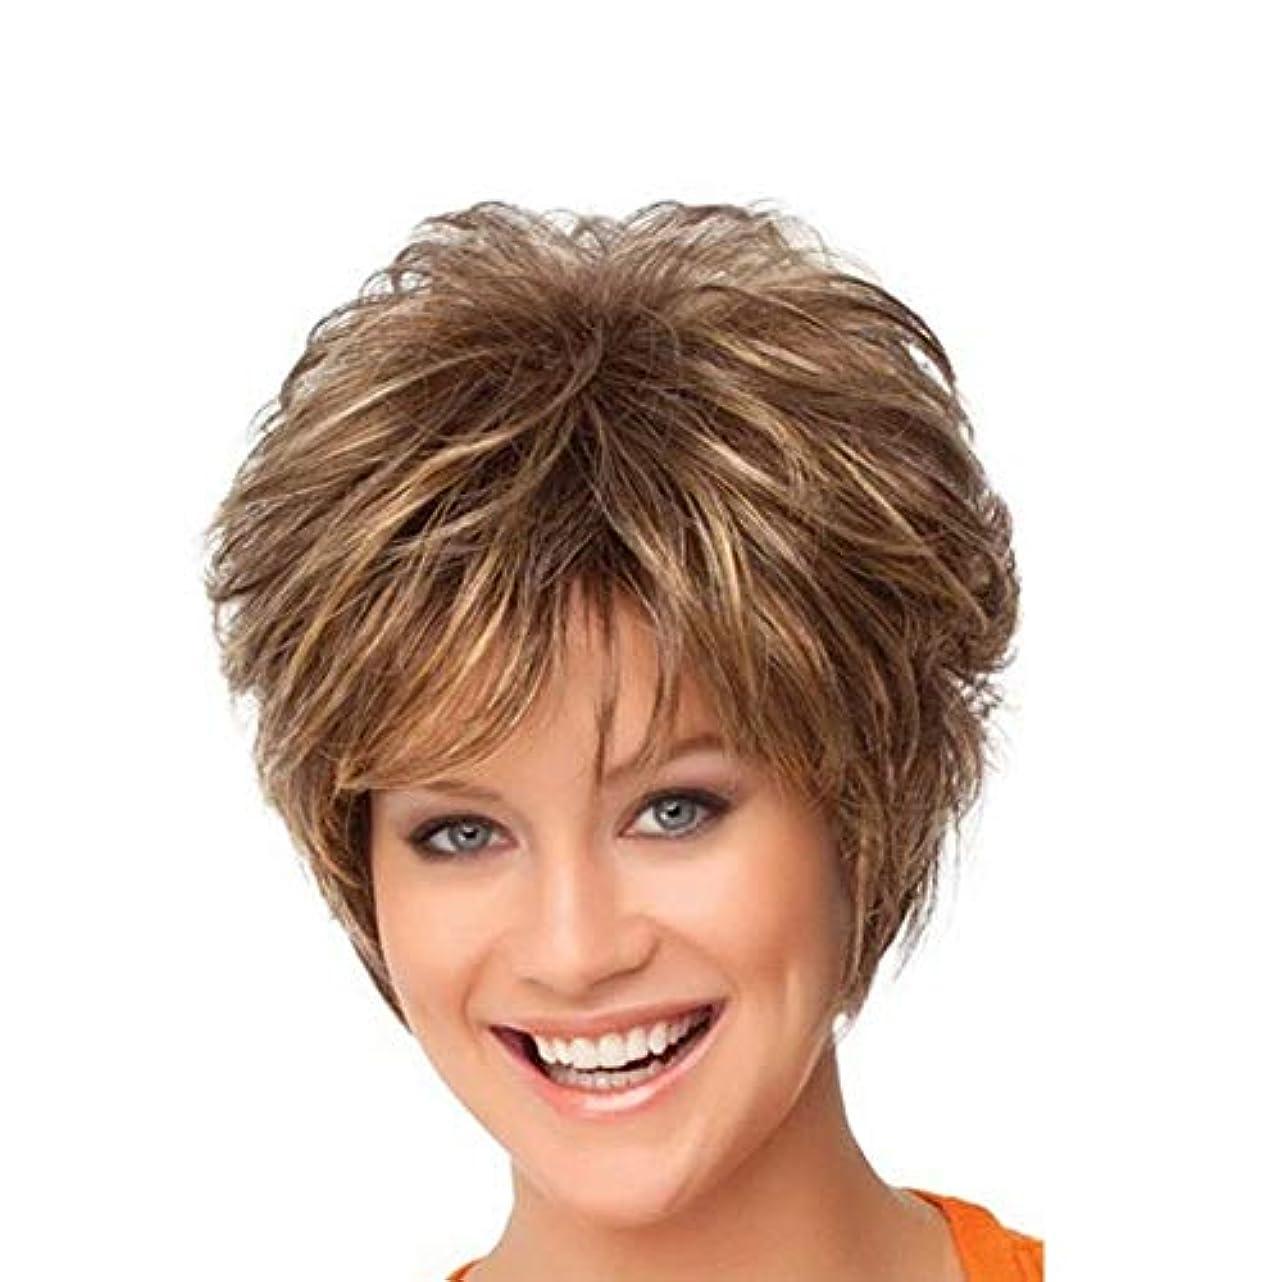 読書をする電子レンジ実質的WASAIO 女性の短い巻き毛のかつらのための女性の髪のかつら (色 : ブラウン)